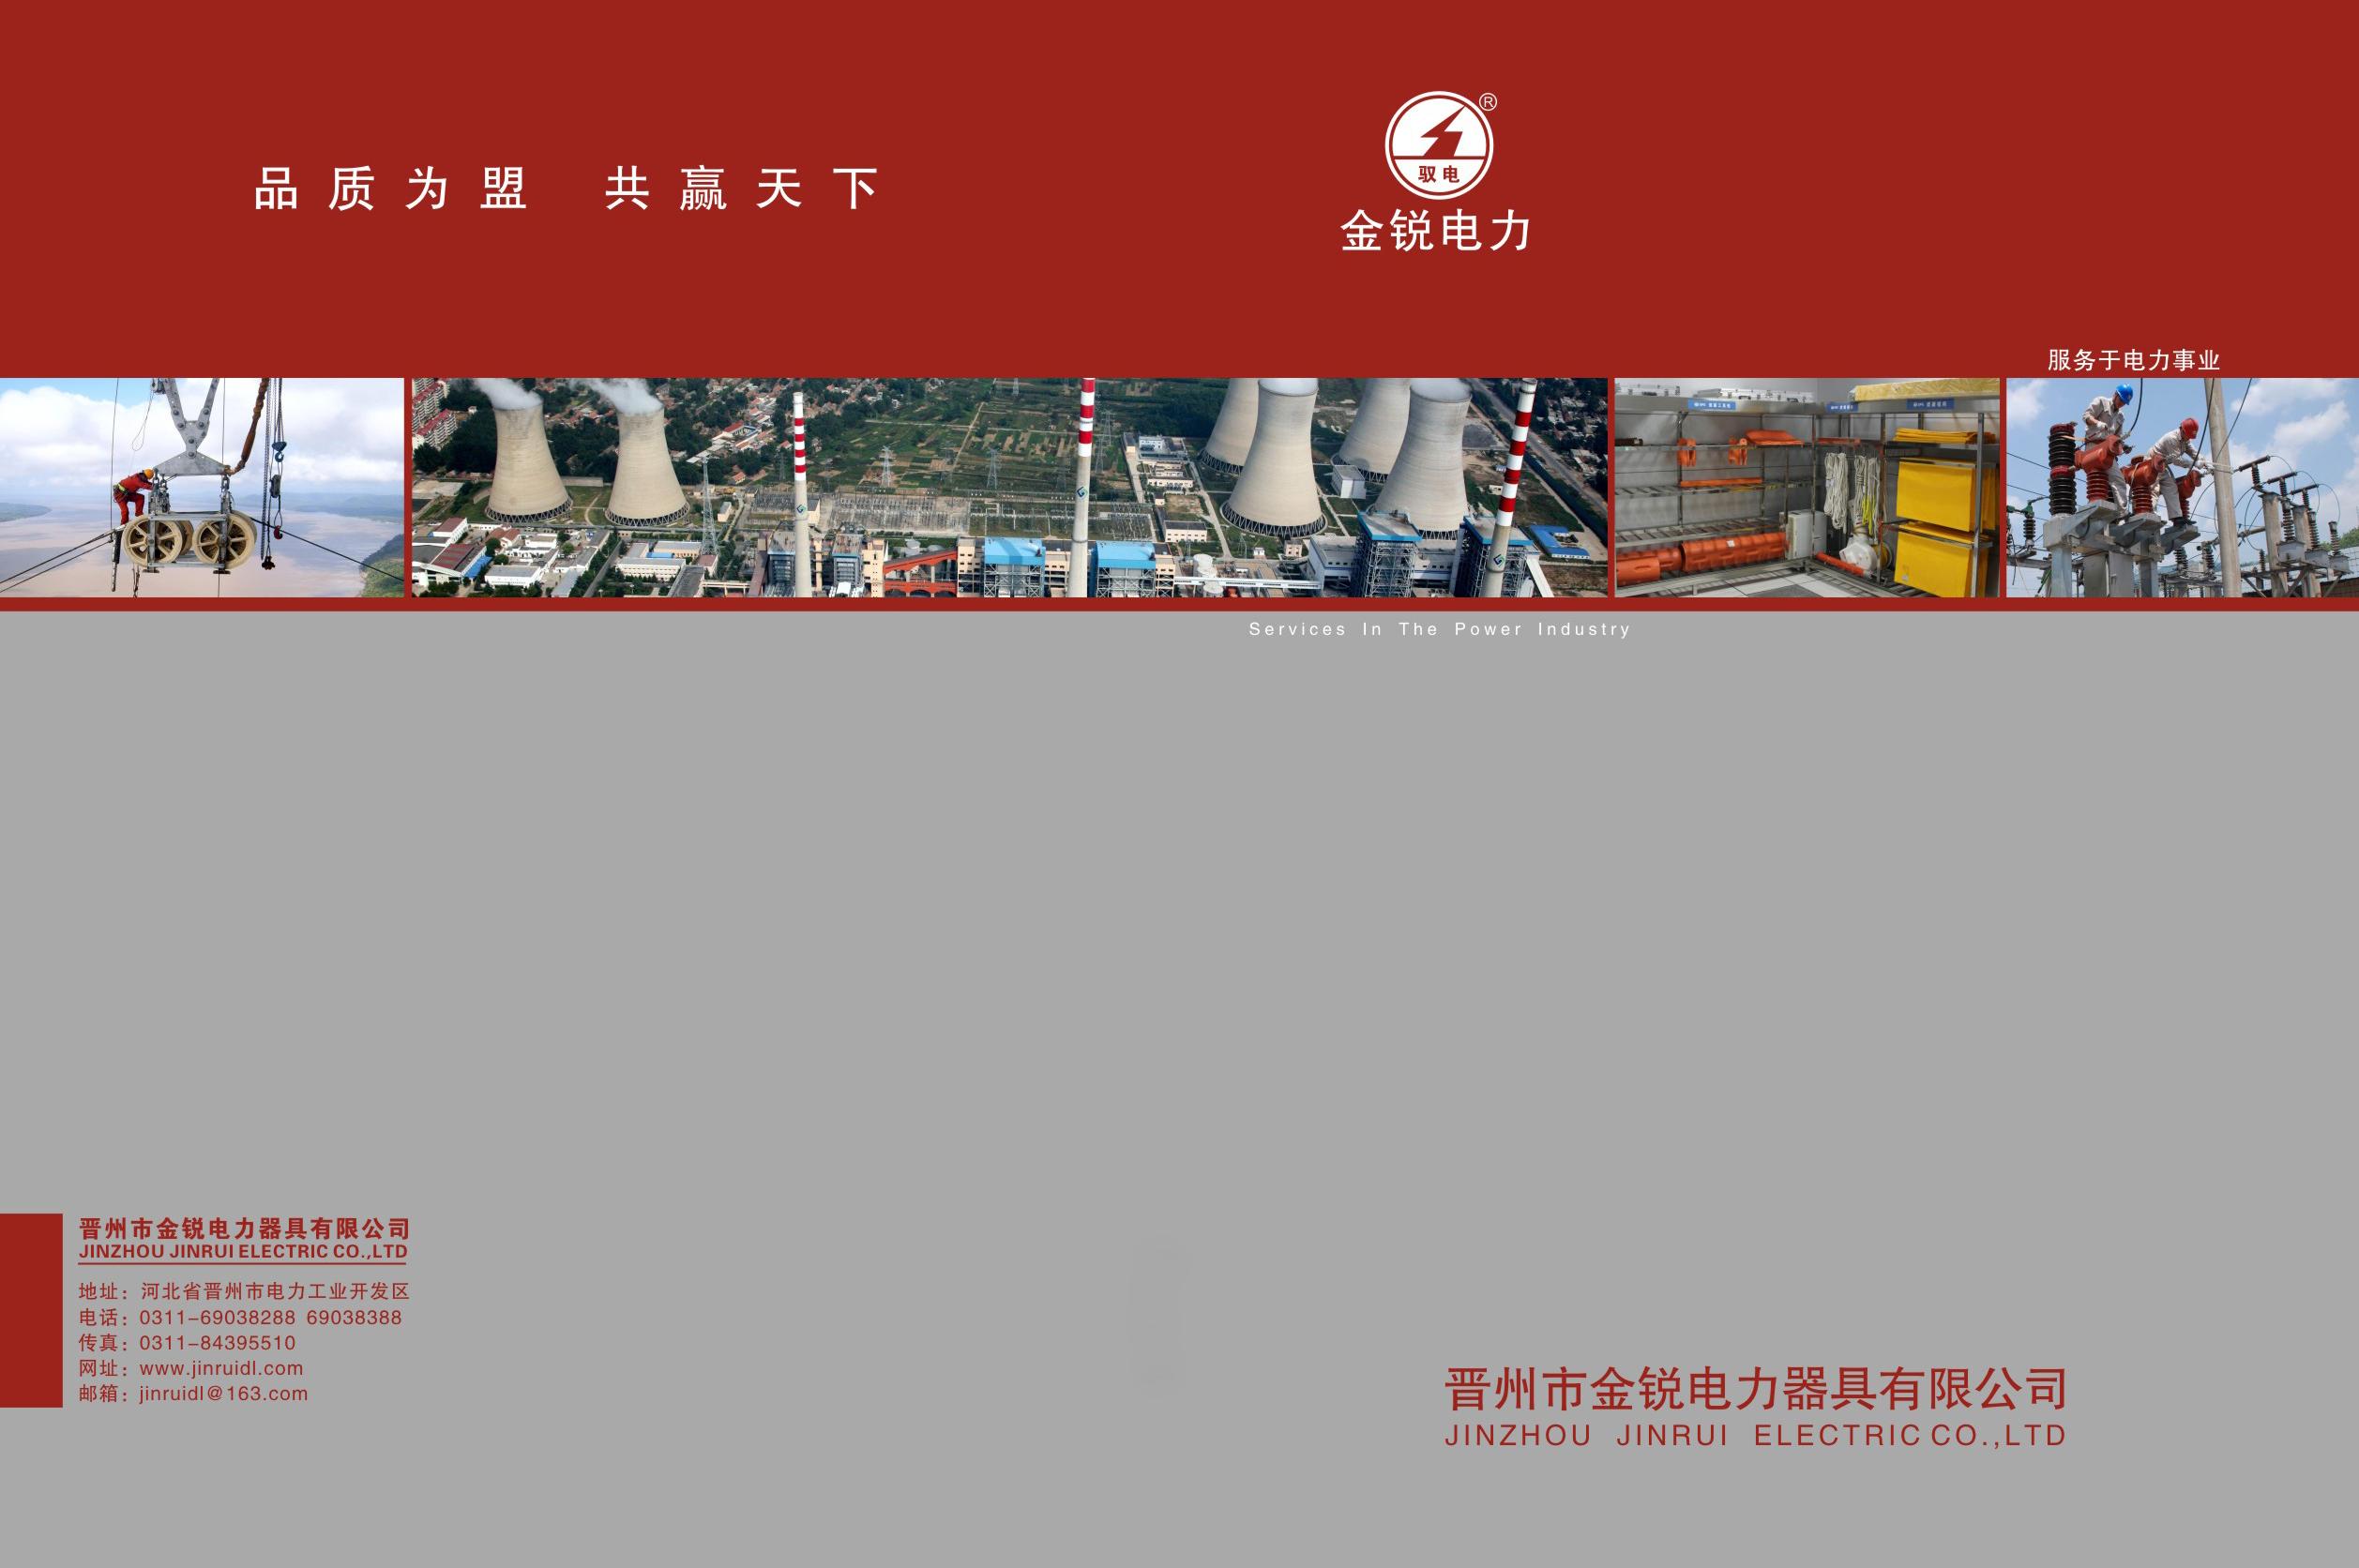 晉州市金銳電力器具有限公司